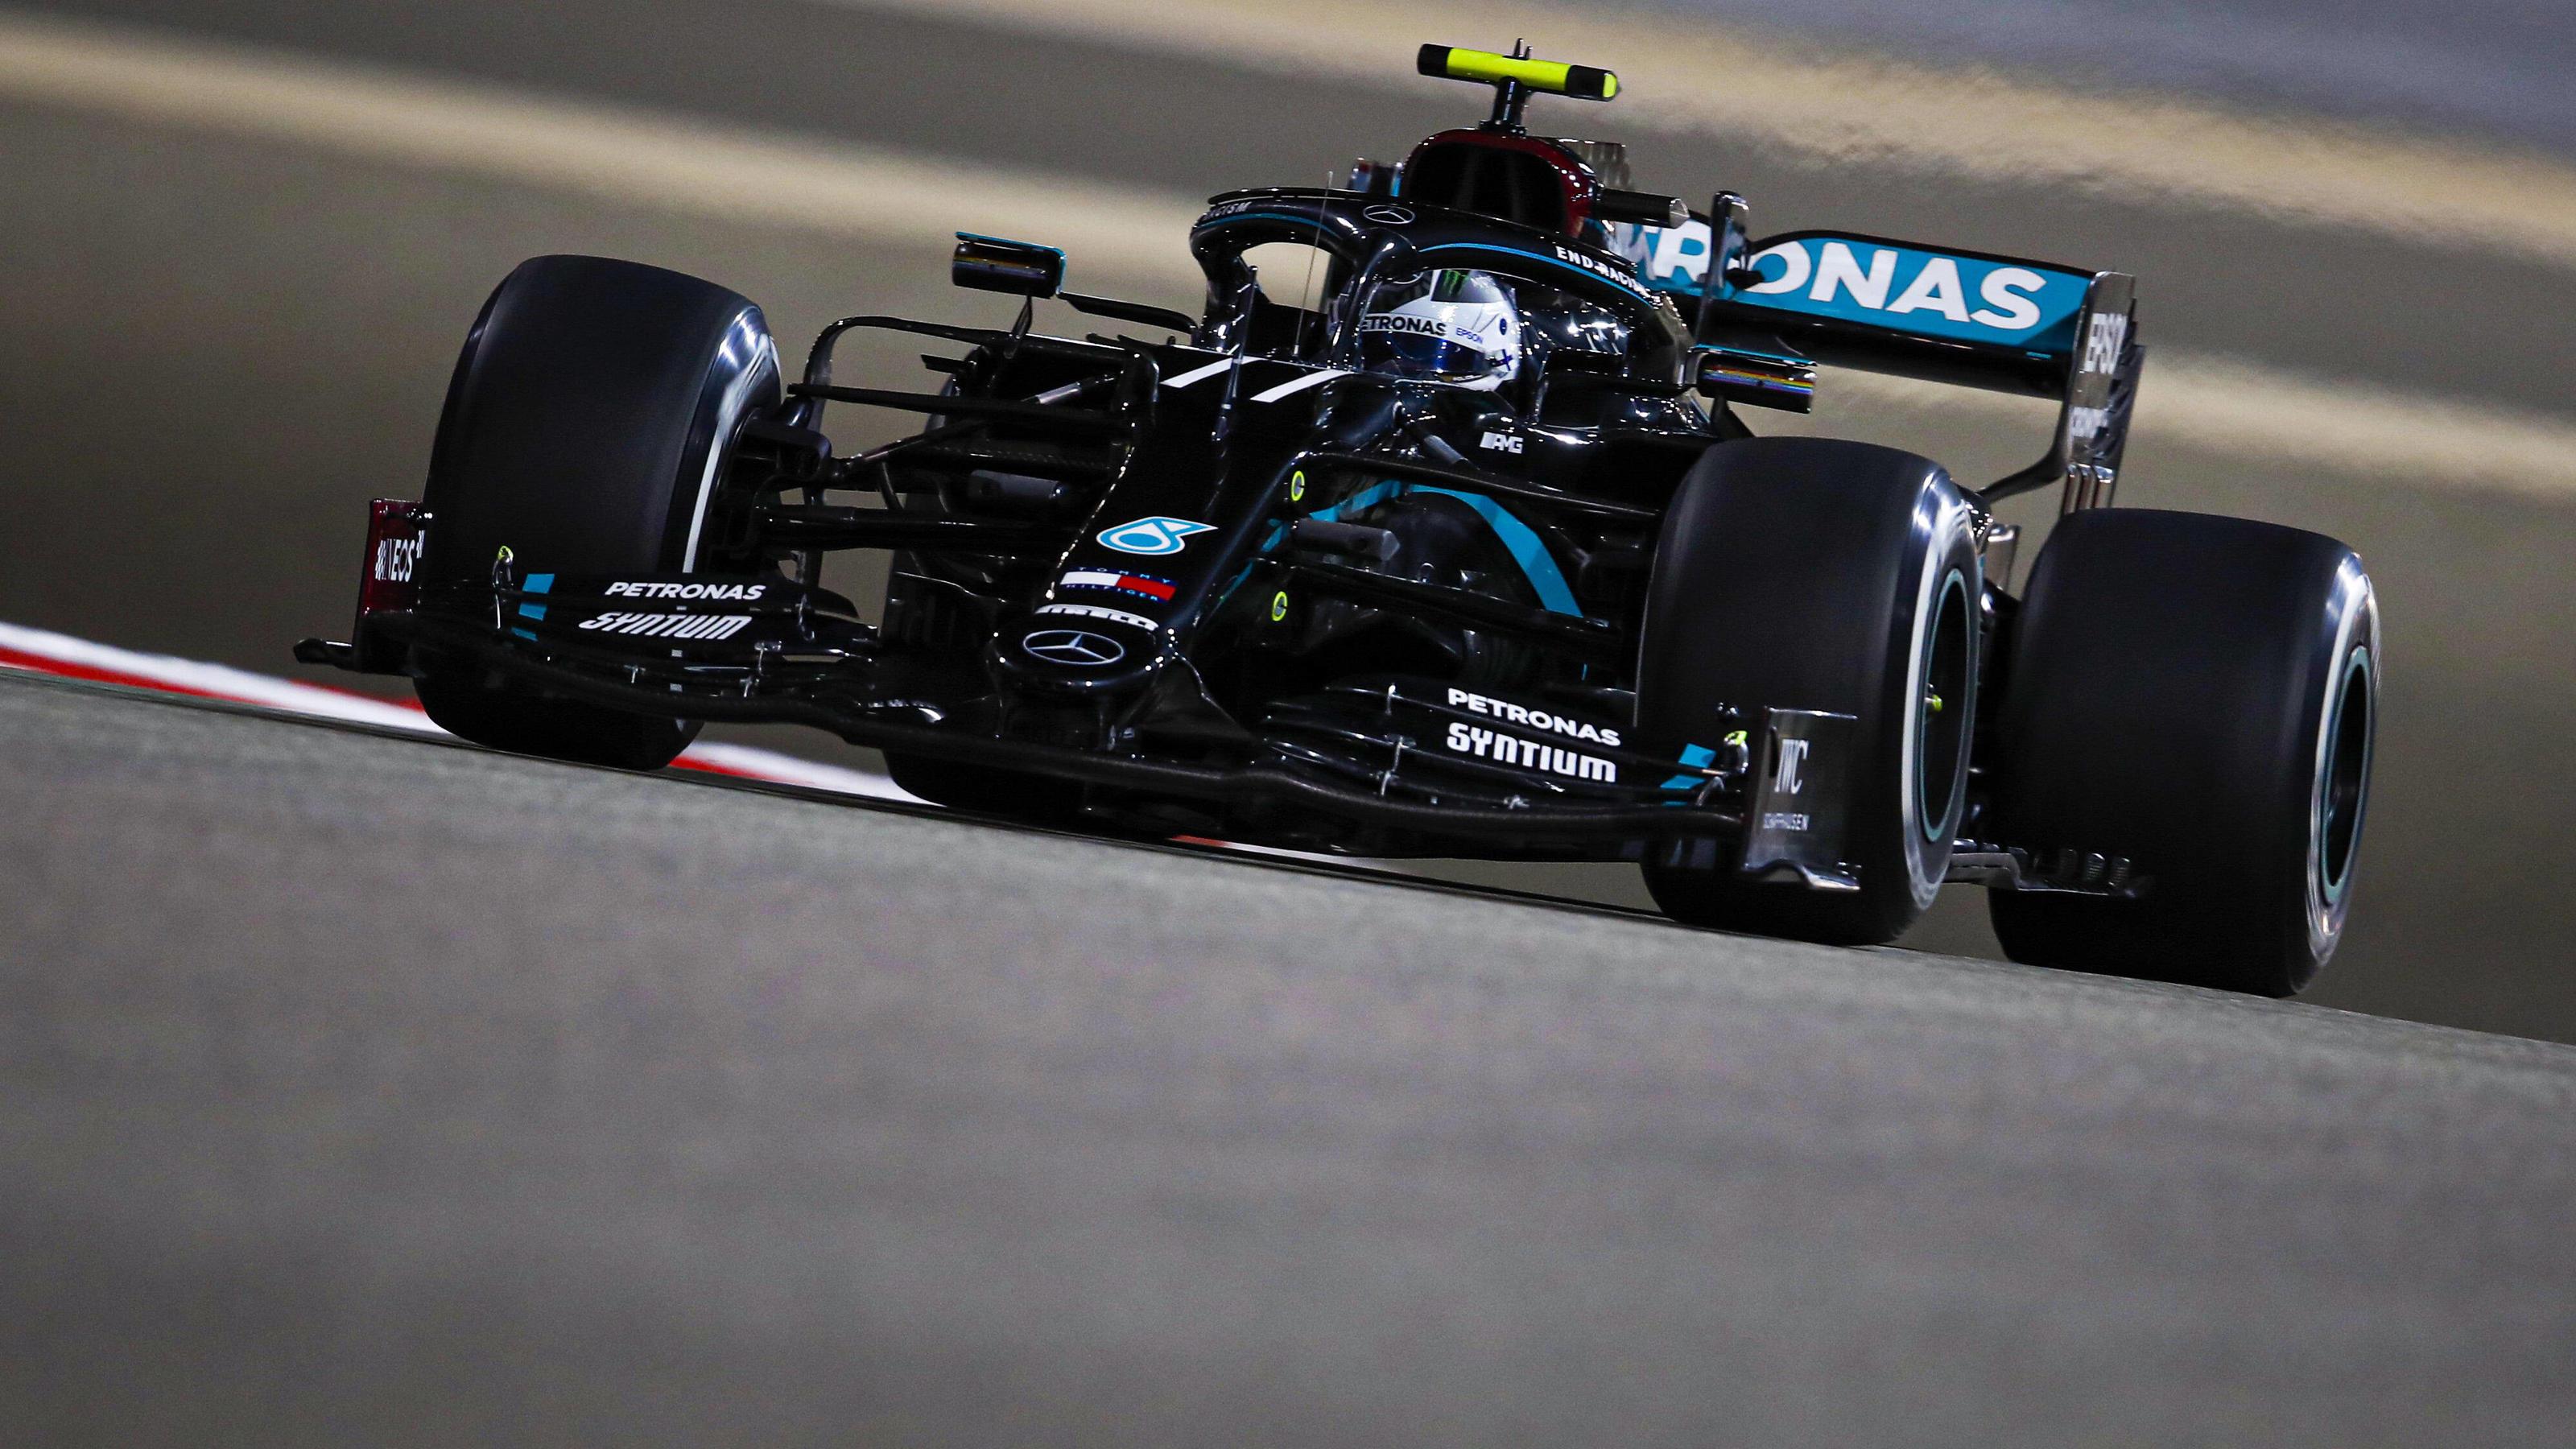 Formel 1 - Sakhir-GP, Qualifying: Valtteri Bottas schnappt sich Sakhir-Pole vor George Russell